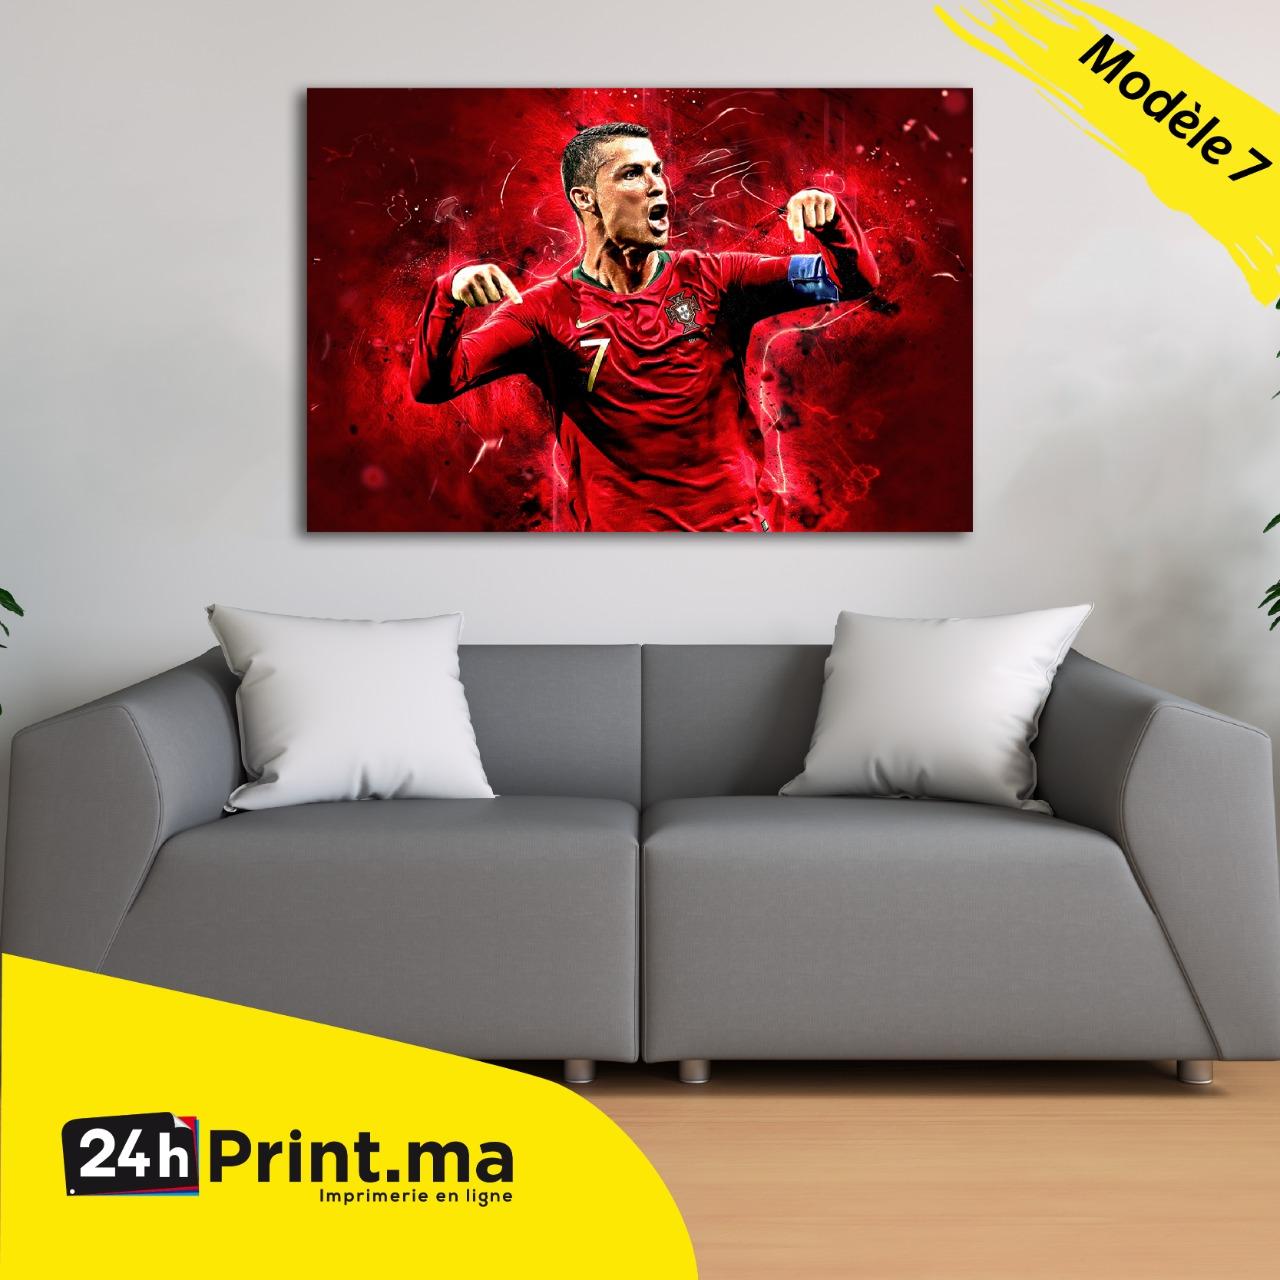 Célébrité 7 > Cristiano Ronaldo